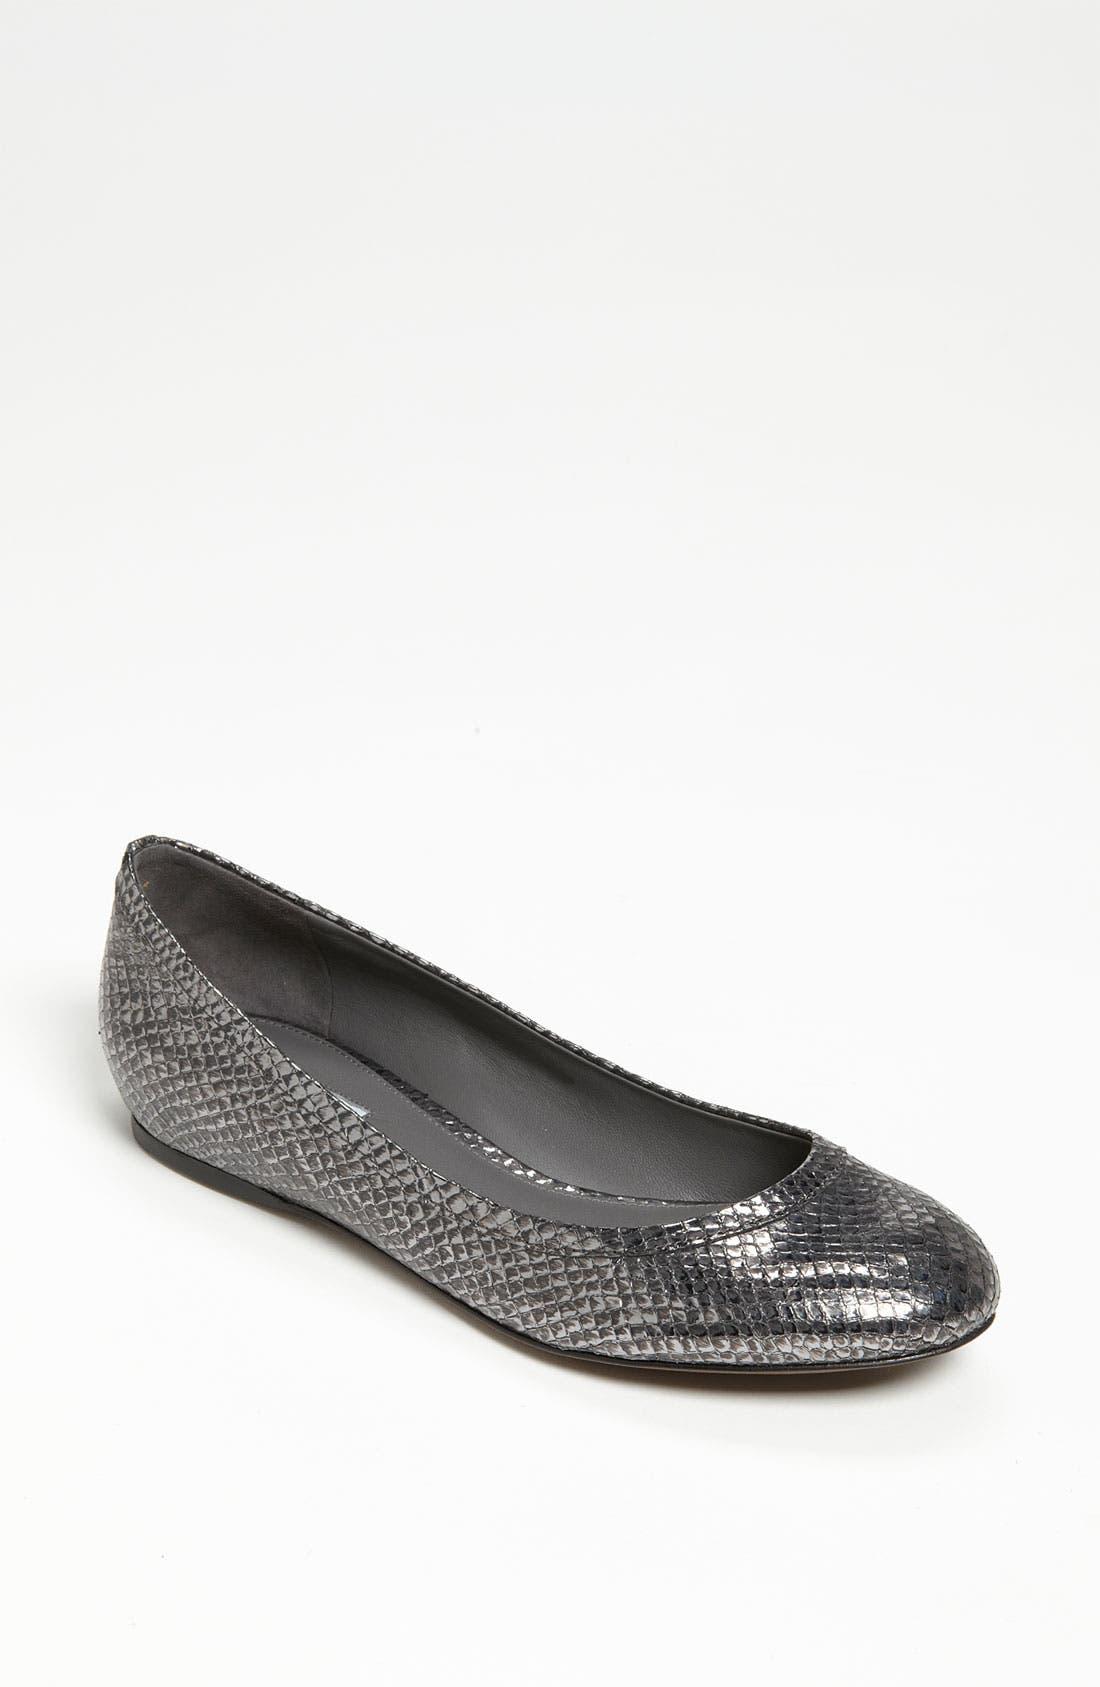 Main Image - Vera Wang Footwear 'Hillary' Flat